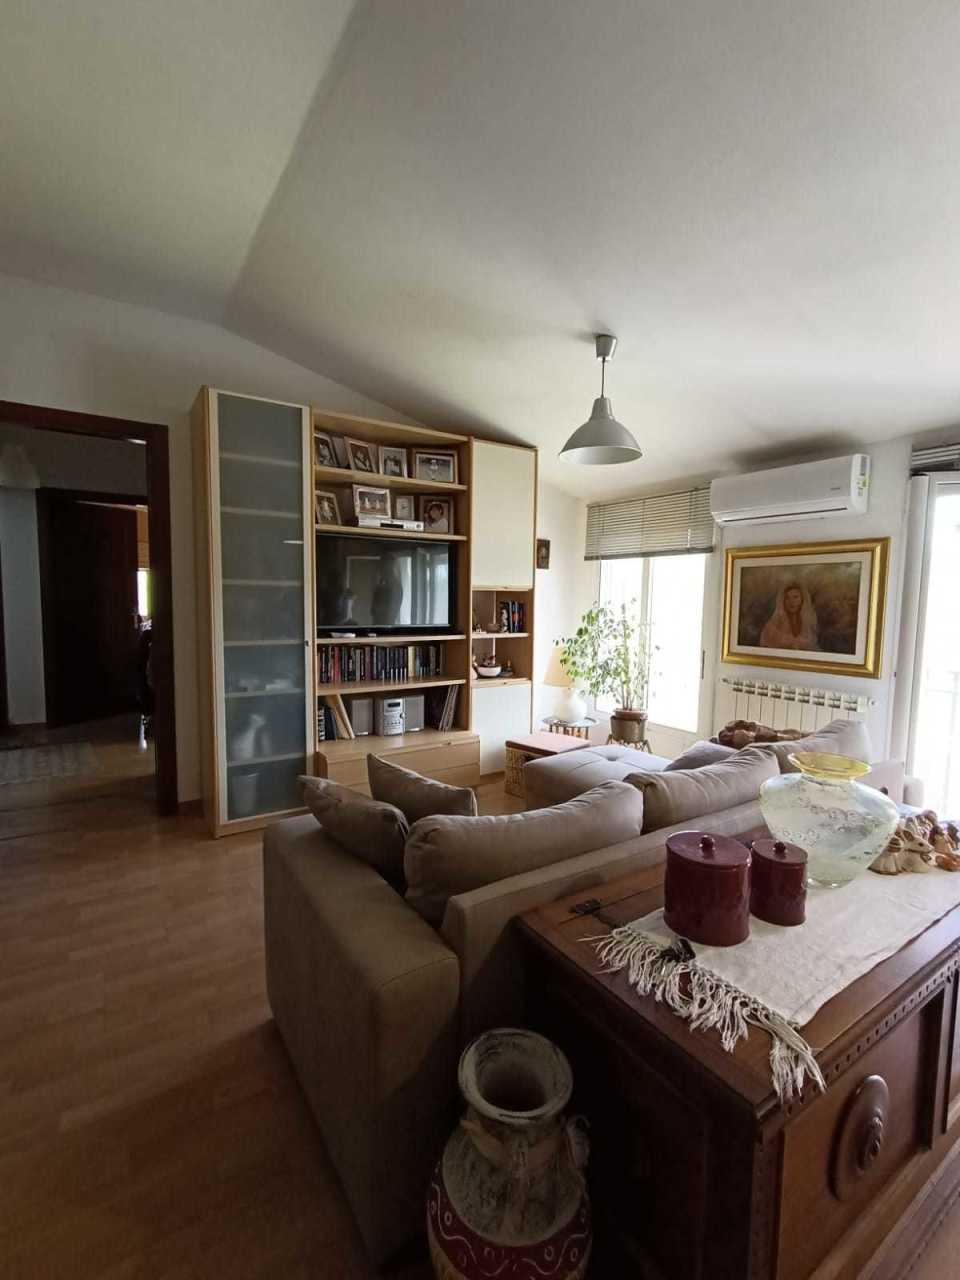 Appartamento in vendita a Licciana Nardi, 4 locali, prezzo € 112.000   PortaleAgenzieImmobiliari.it